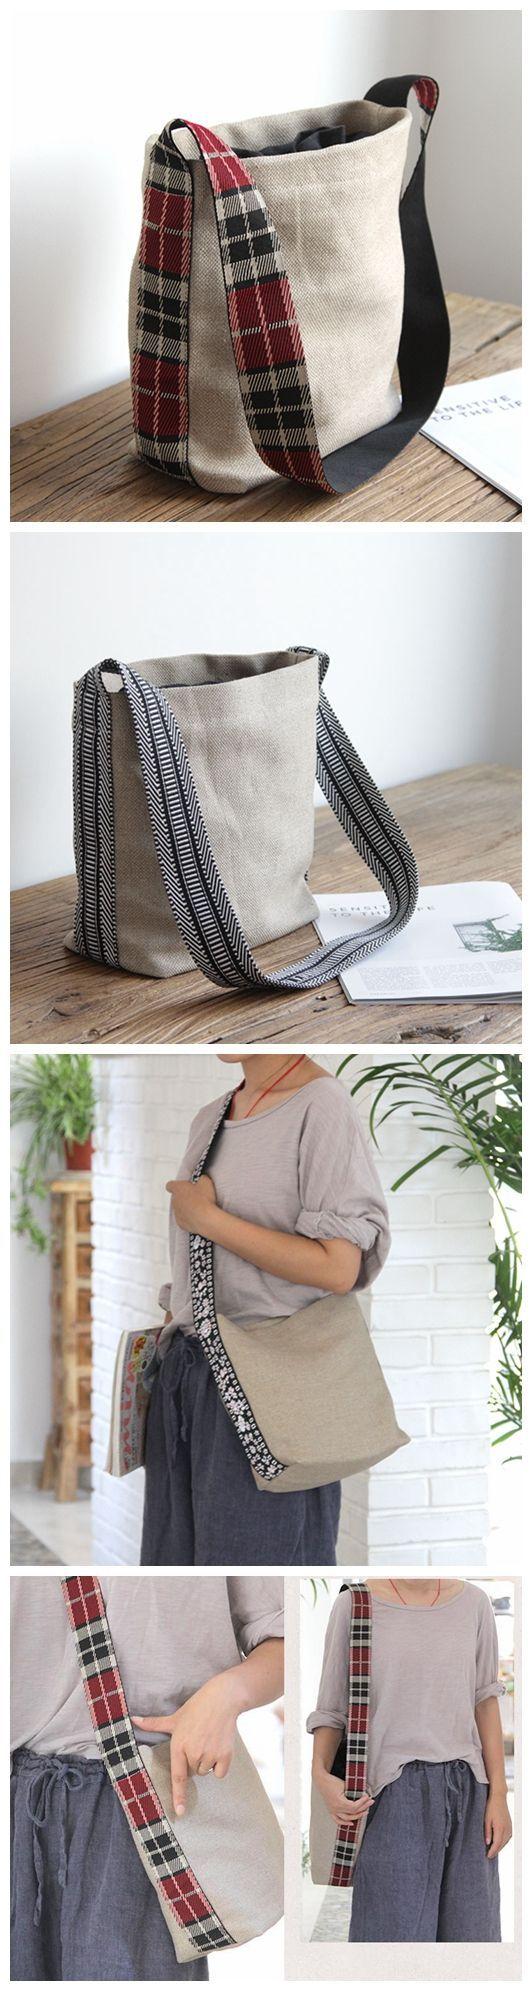 Bolso de lona, bolso hecho a mano, regalo de dama de honor, bolso de lona diario informal, bolso vintage, popular